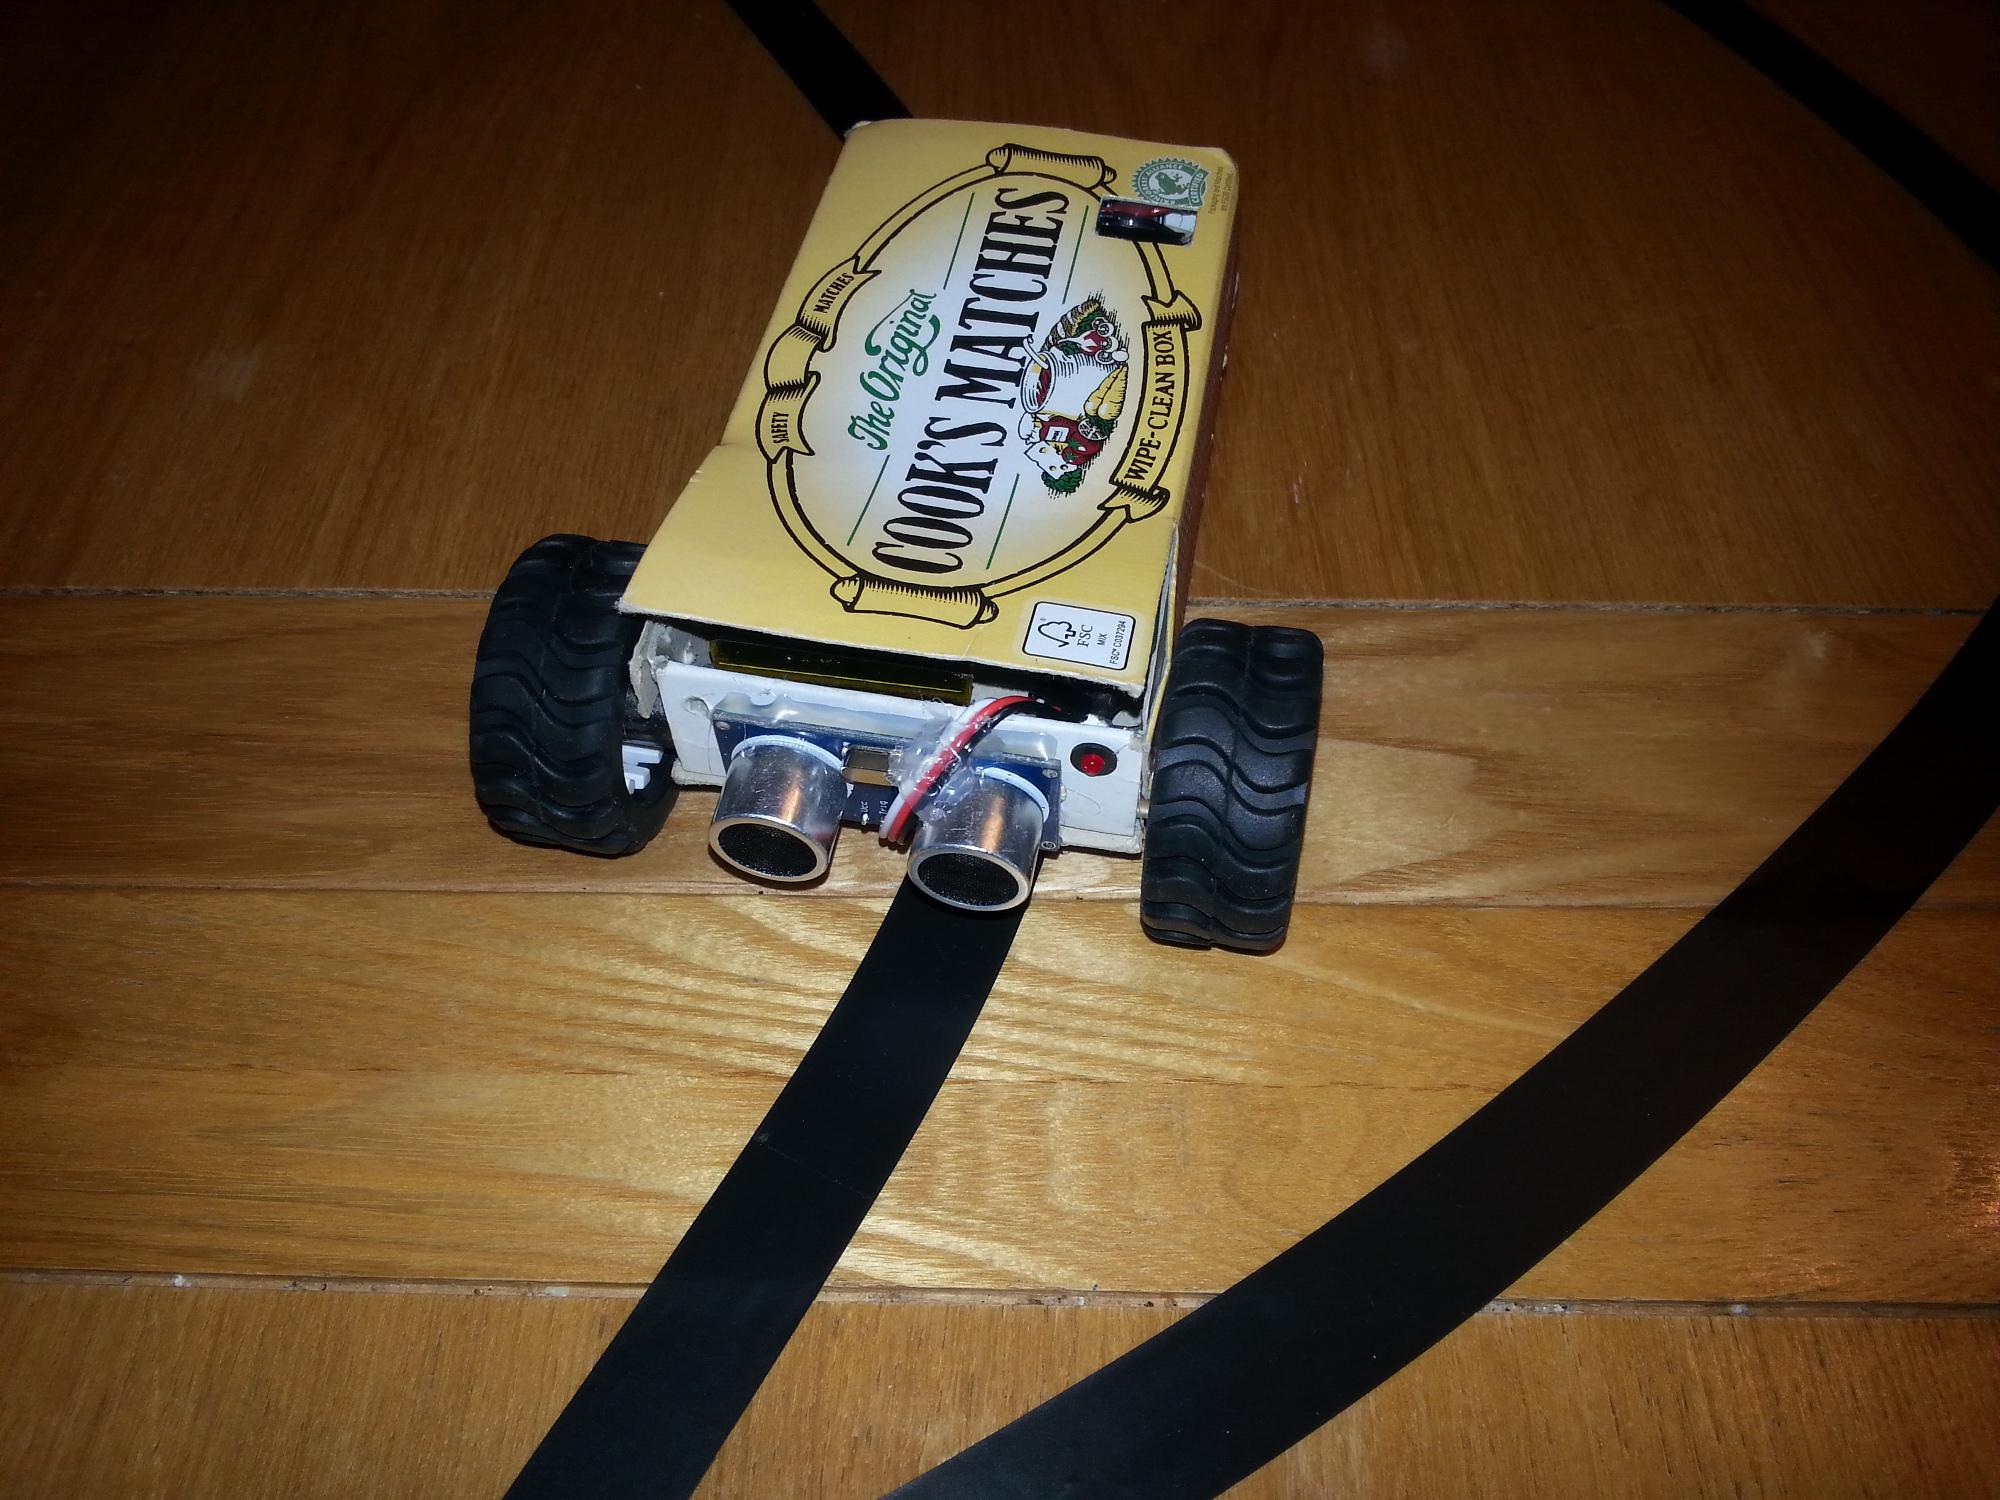 The Matchbot - a robot in a matchbox!